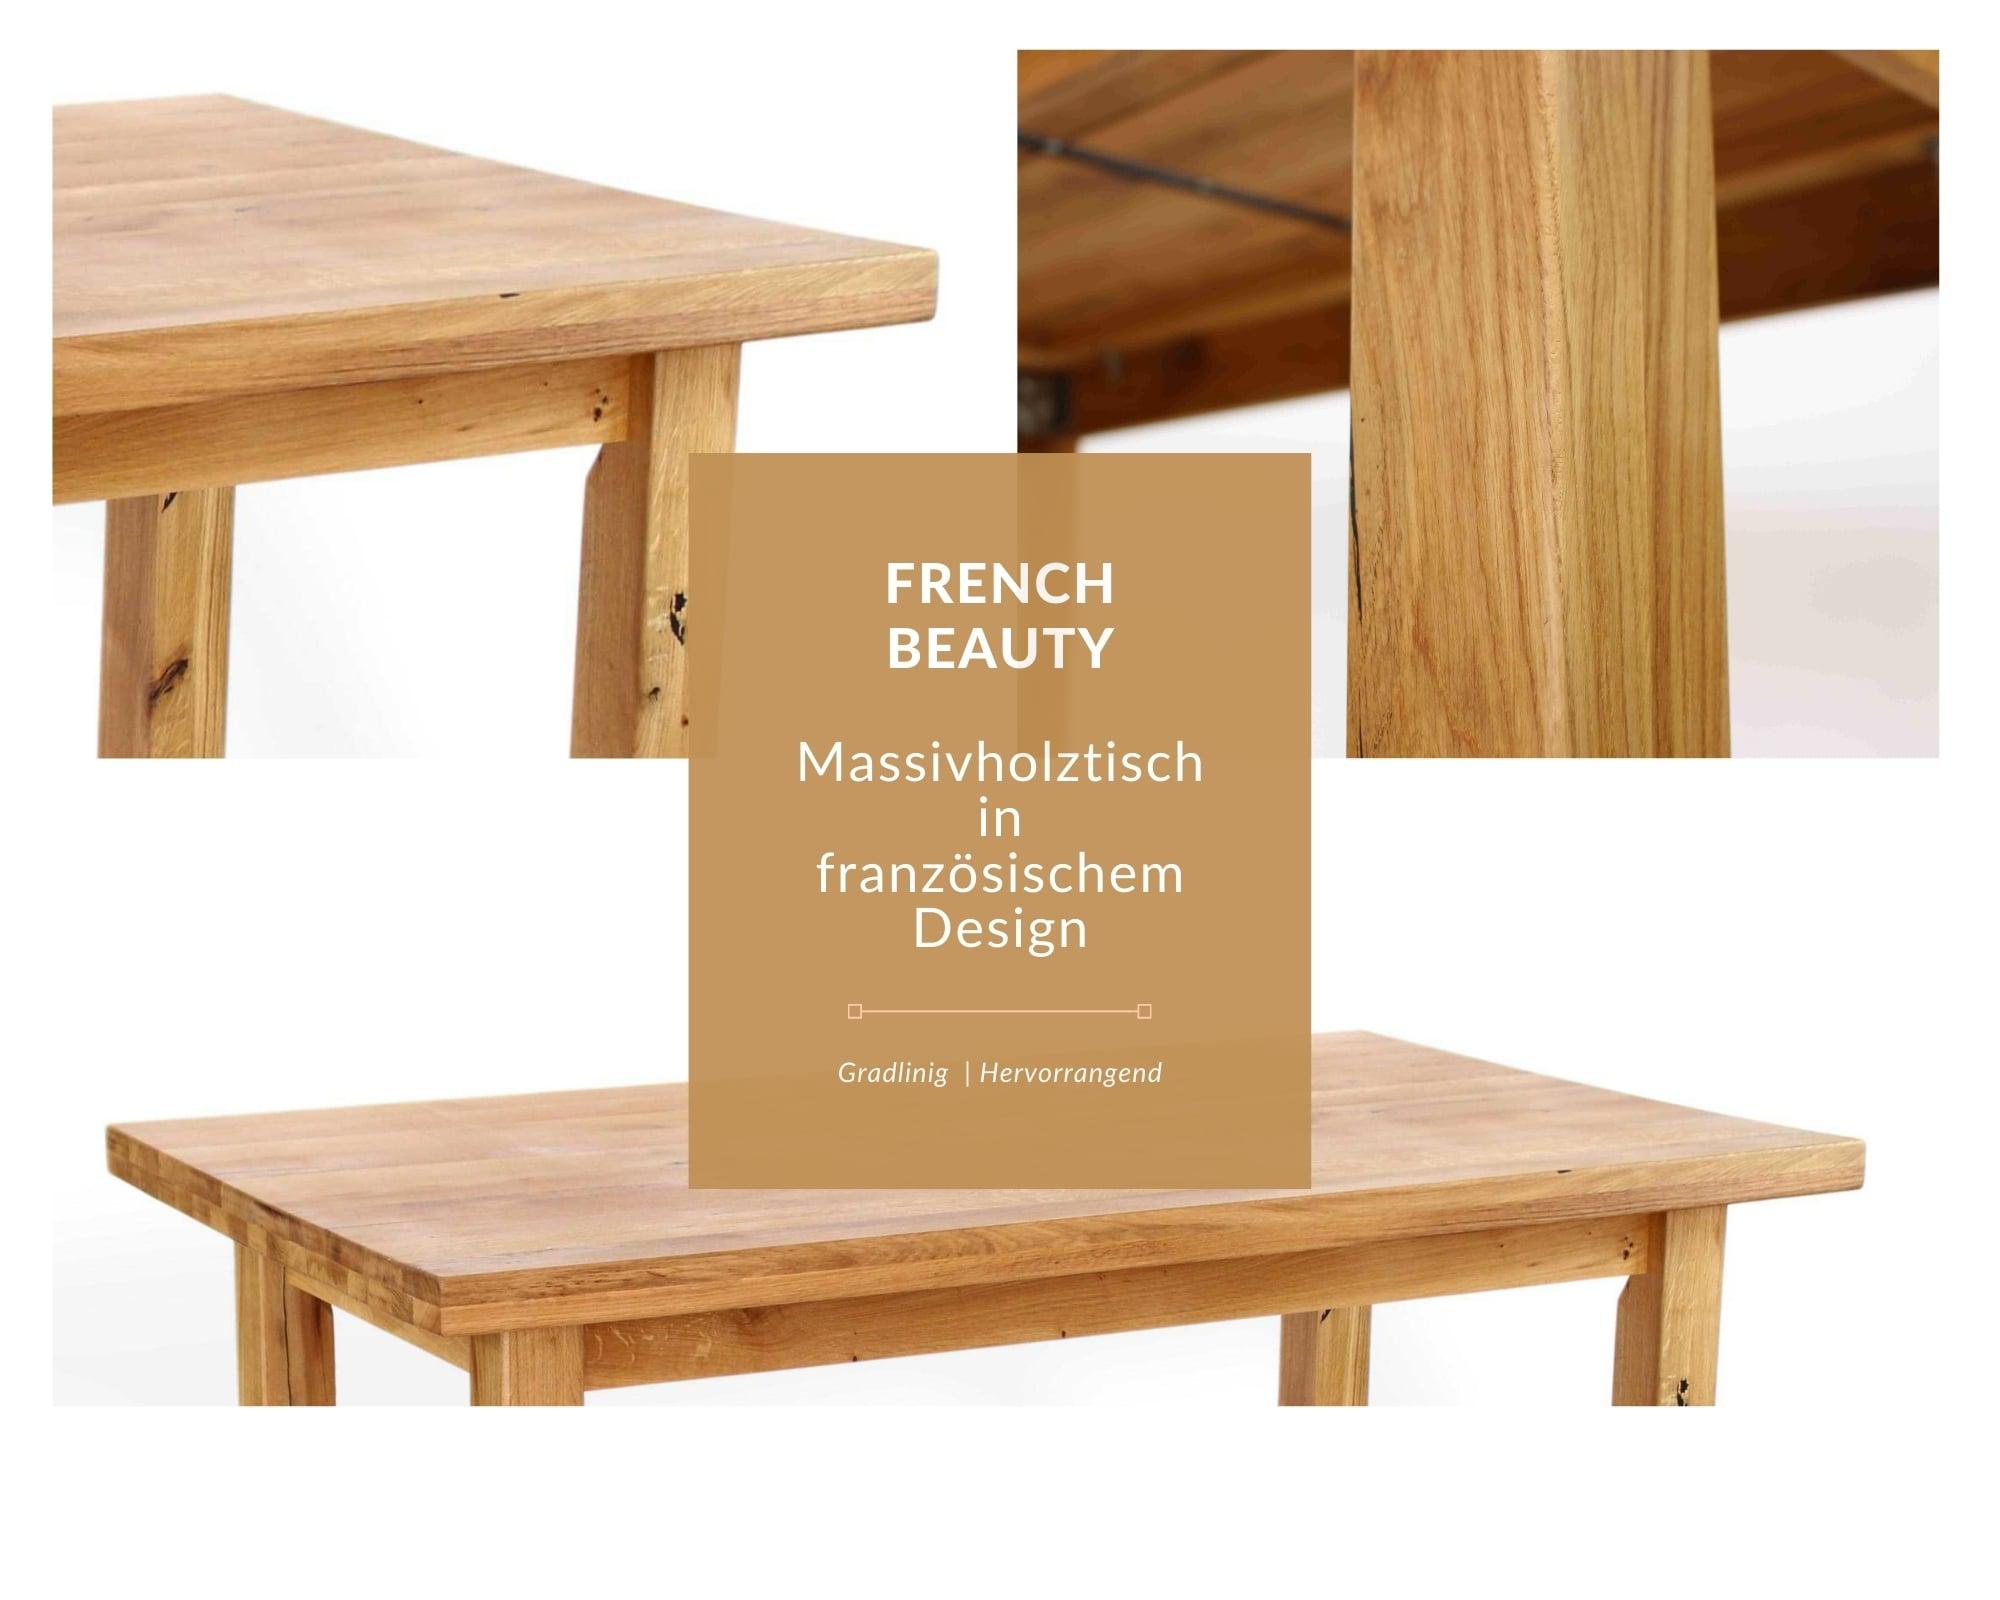 french beauty massivholztisch im französischen design, esstisch aus massivholz